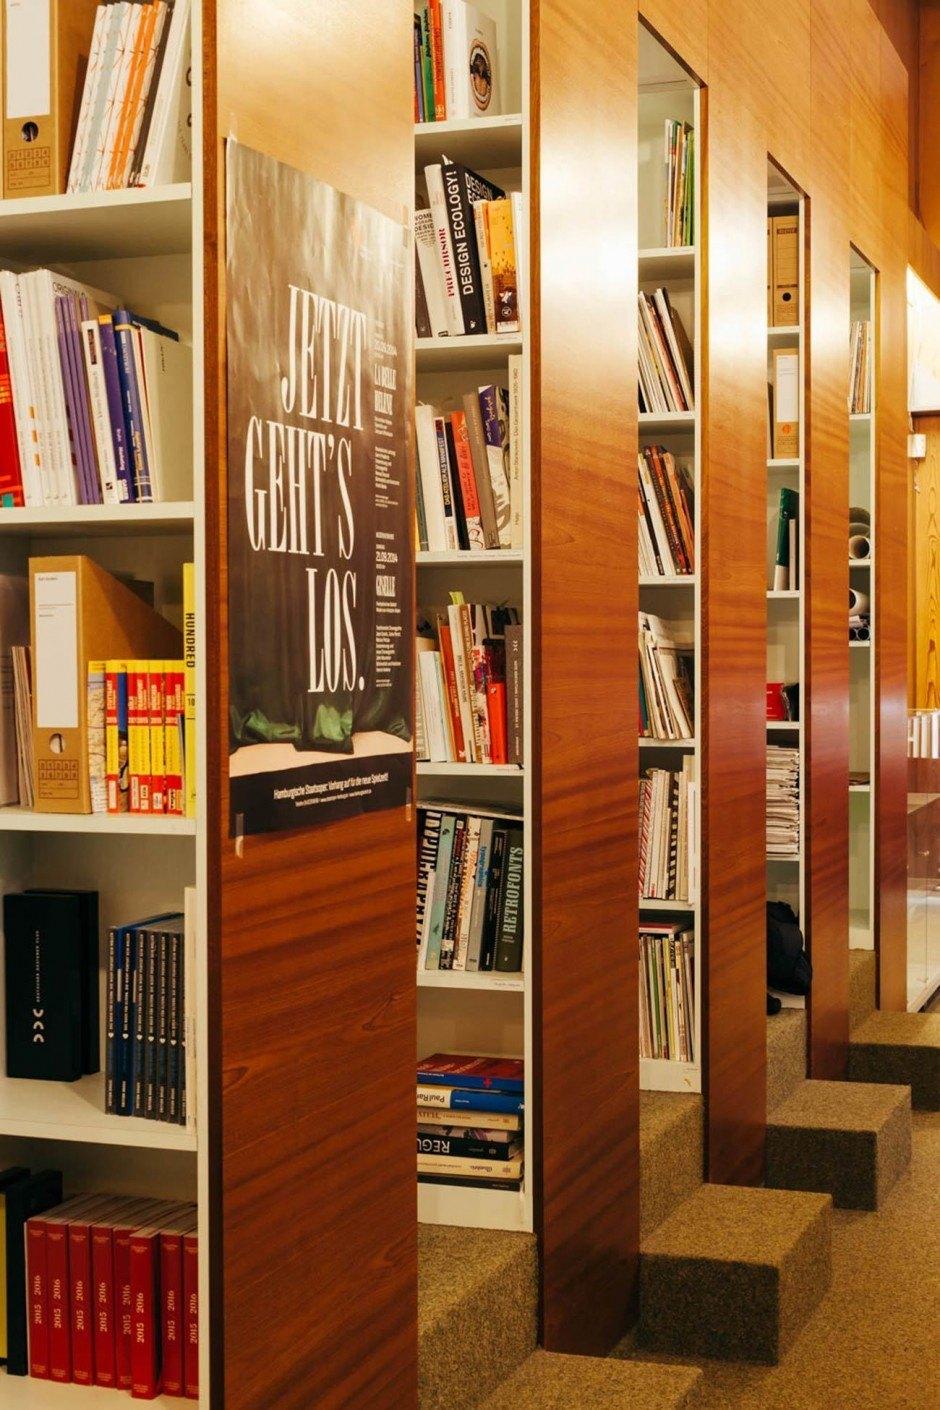 Bibliothek, Bücherregal und manchmal auch einfach nur Ablage.